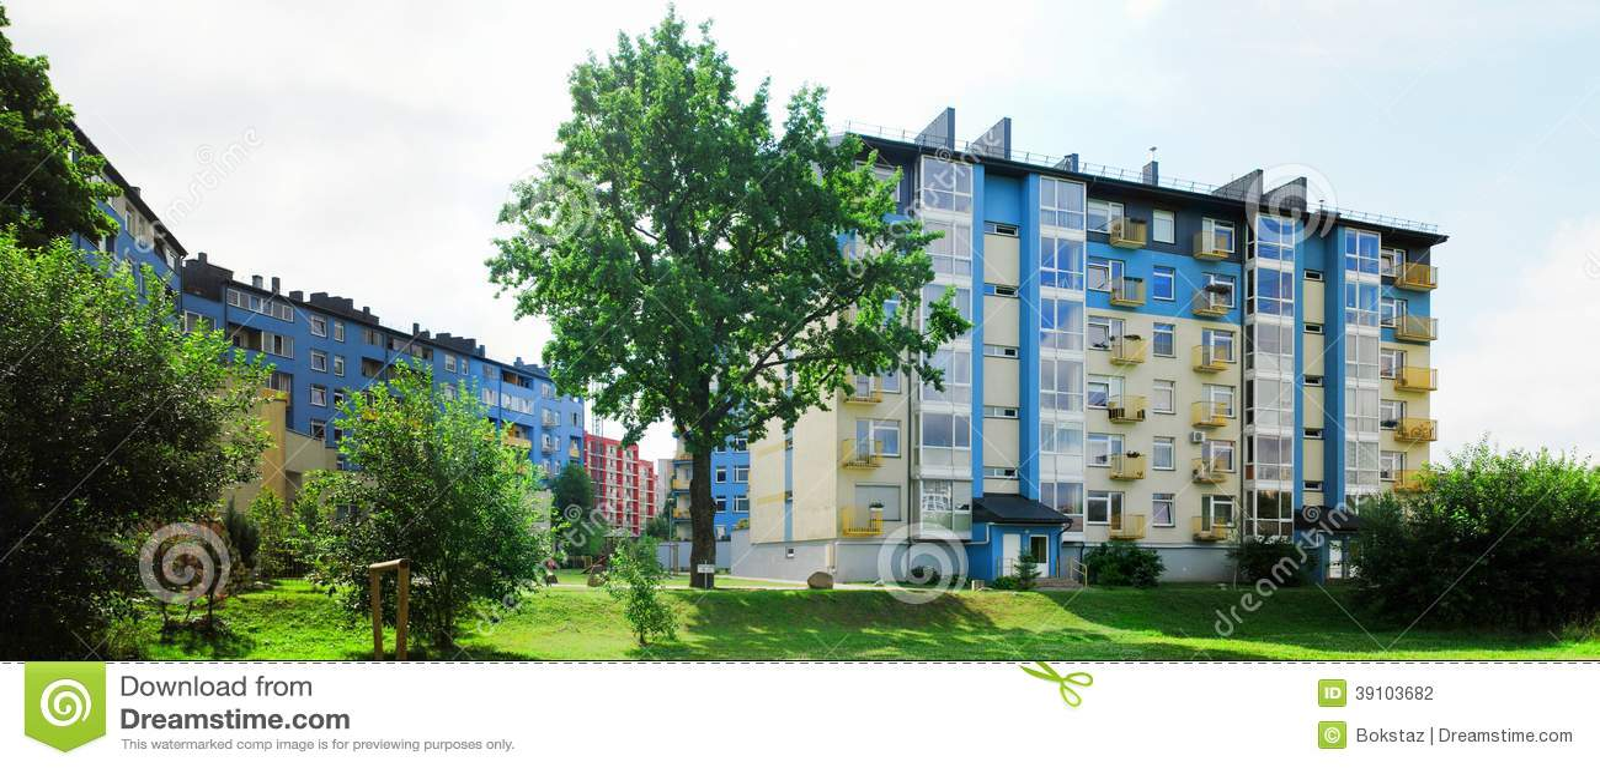 Vilnius vandaag. Nieuwe gebouwen bij pasilaiciai